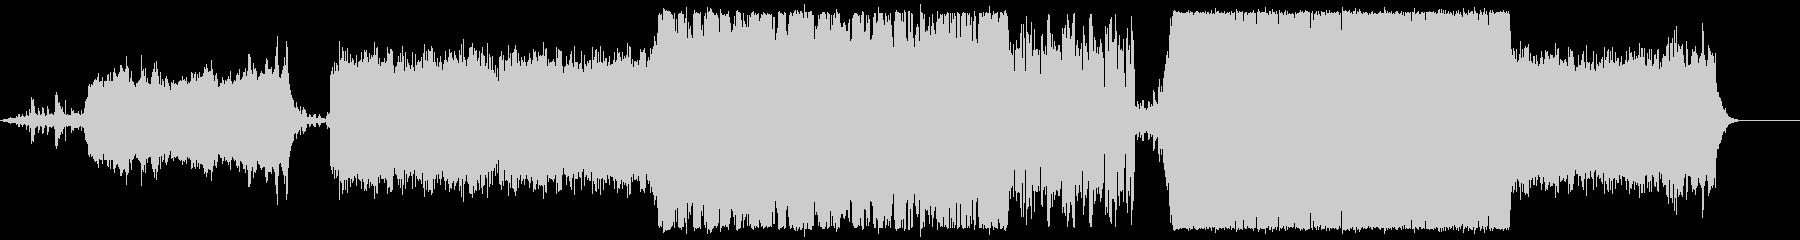 オルガンとクワイアのシネマティック曲の未再生の波形